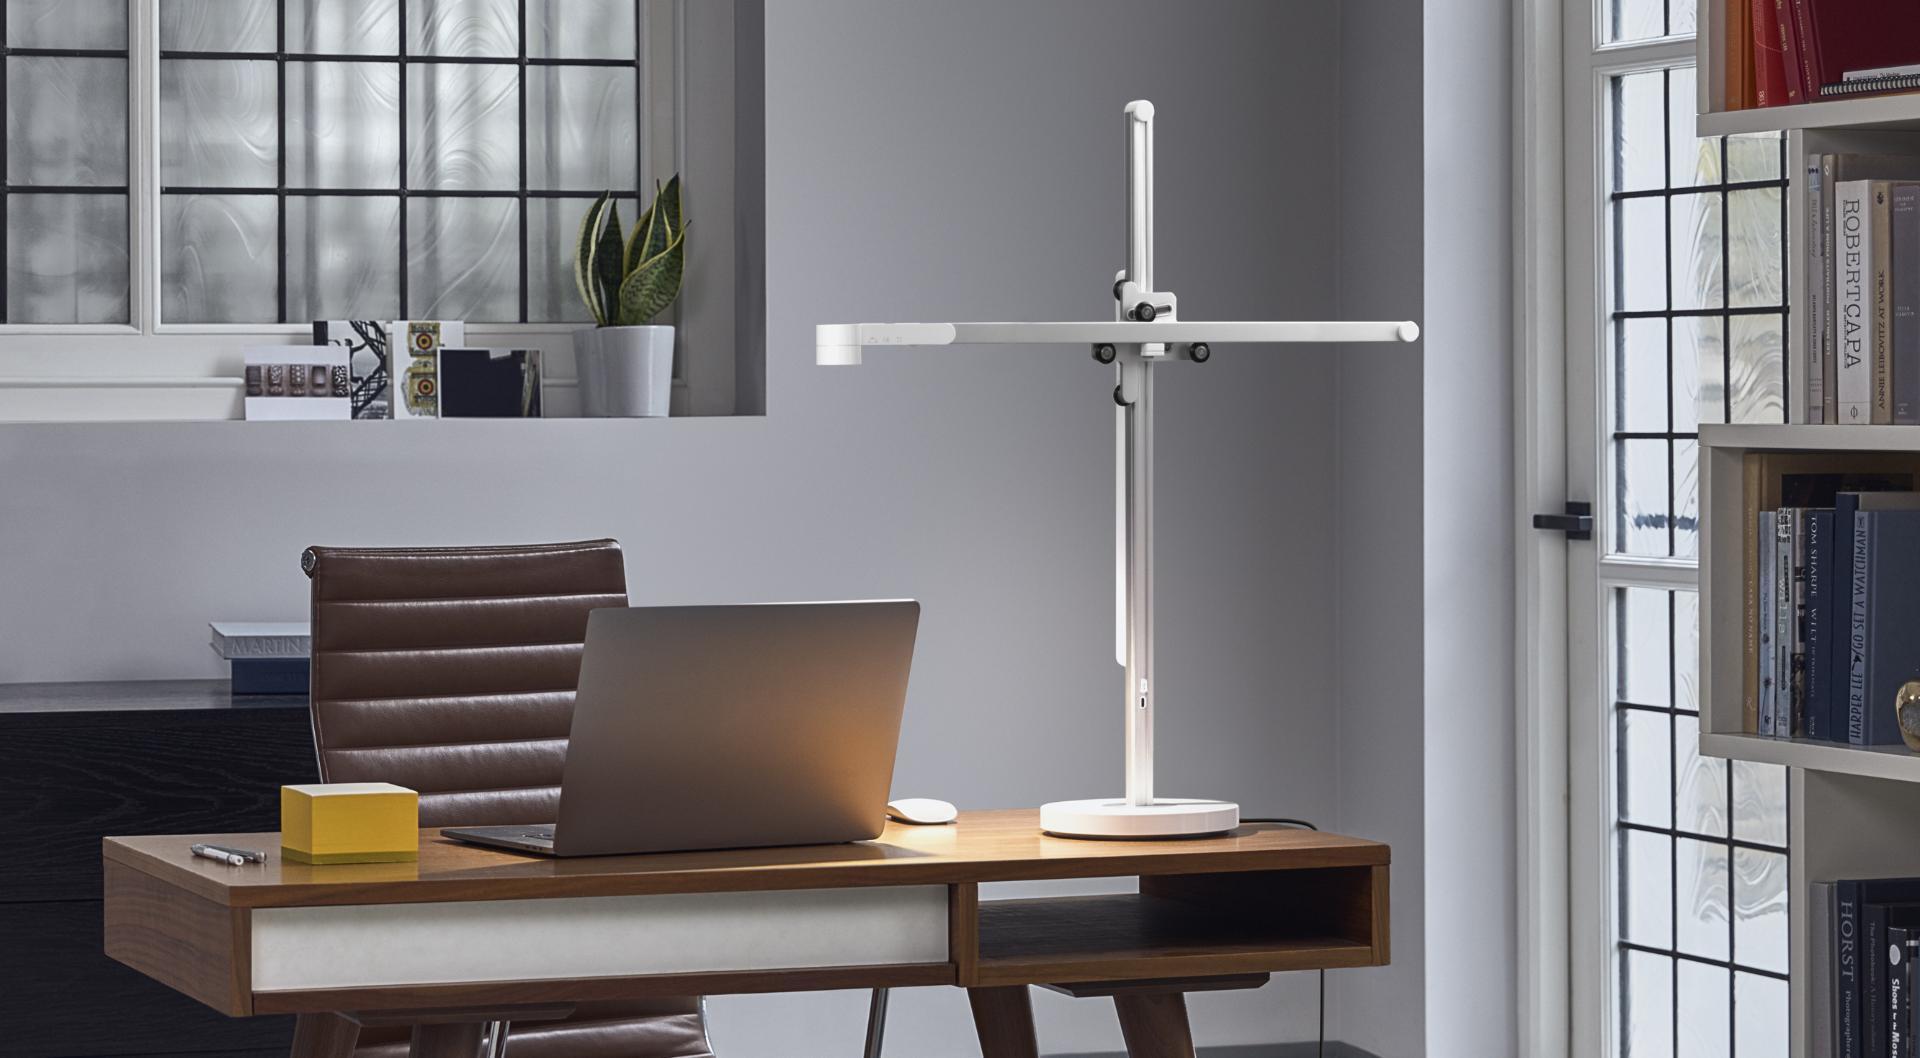 Dyson Lightcycle task light on a stylish desk